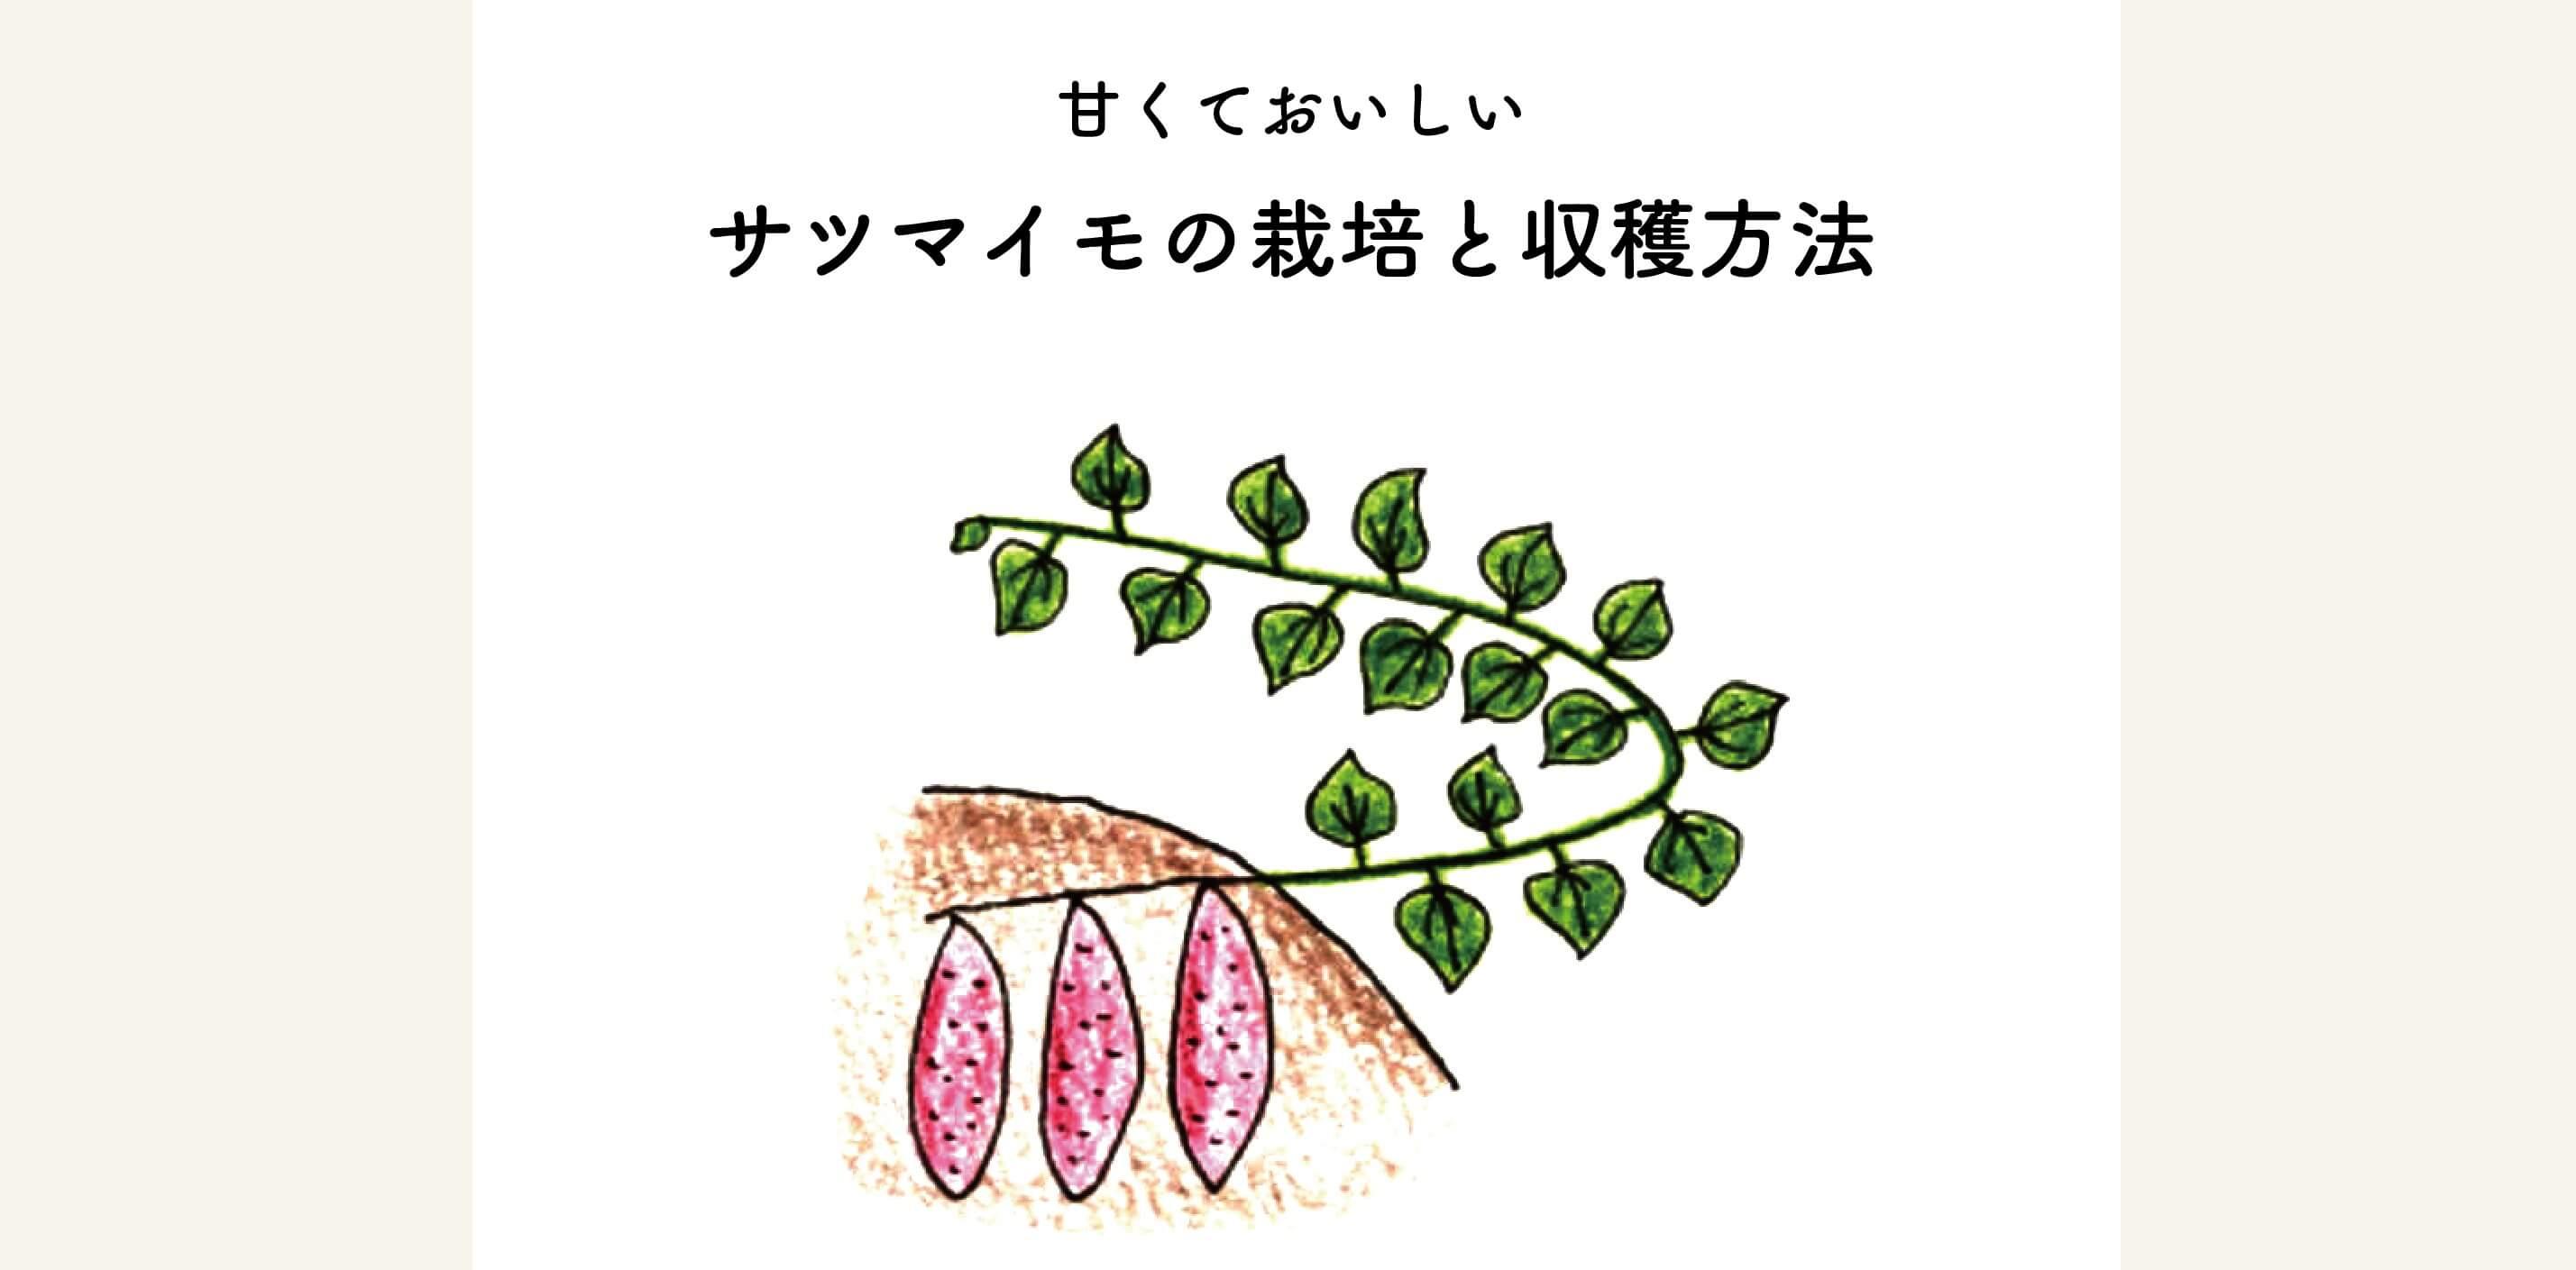 育て さつま芋 方 の